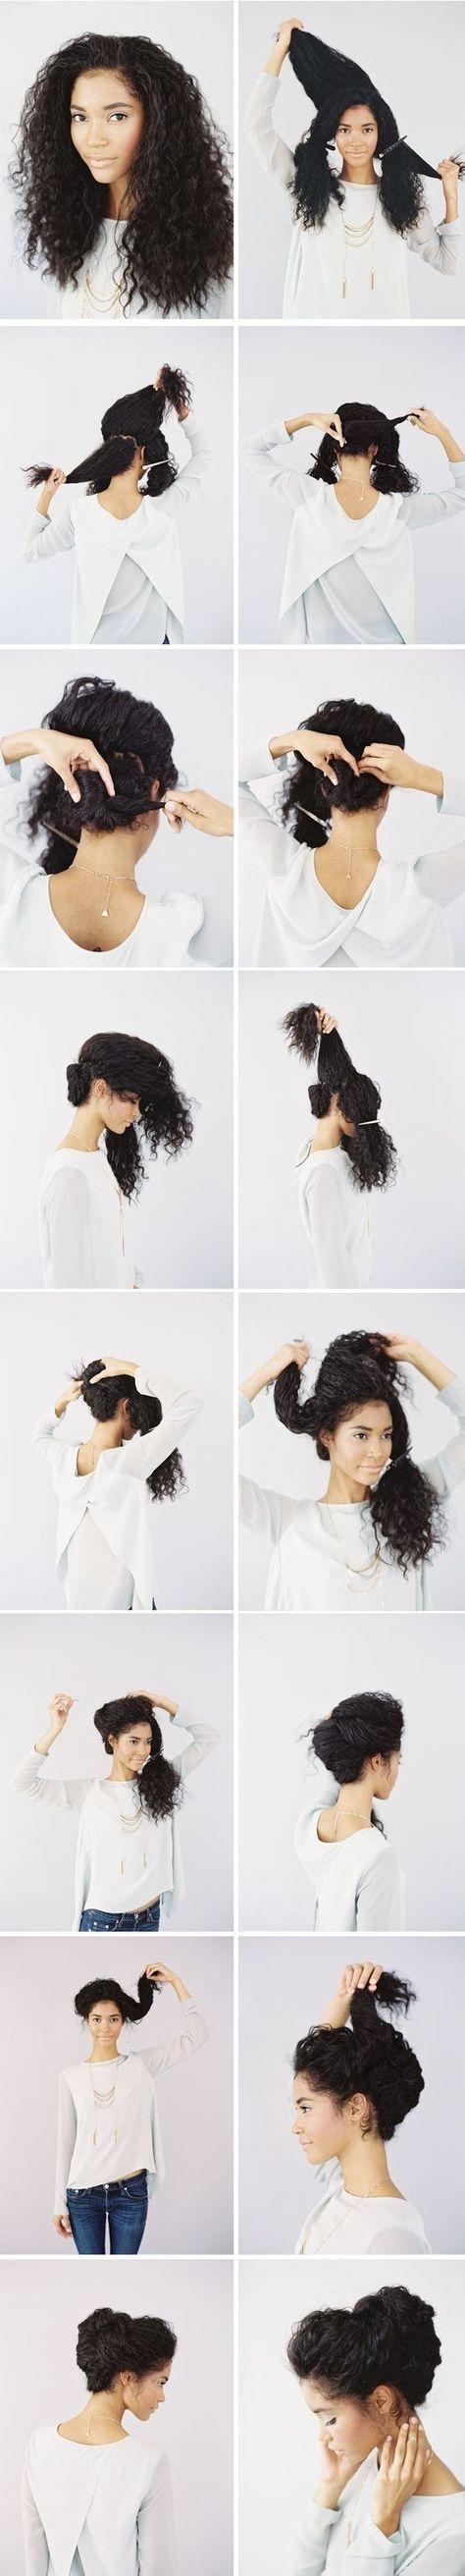 ¿No sabes cómo peinar tus hermosos rizos? Aquí te damos diferentes peinados para que elijas el que más te gusta sin que tengas que plancharlo o ir al salón de belleza, te encantarán: 1. Puedes hacer un increíble chongo con trenzas. 2. Una diadema con tus hermosos chinos para evitar que se vayan tus cabellitos …